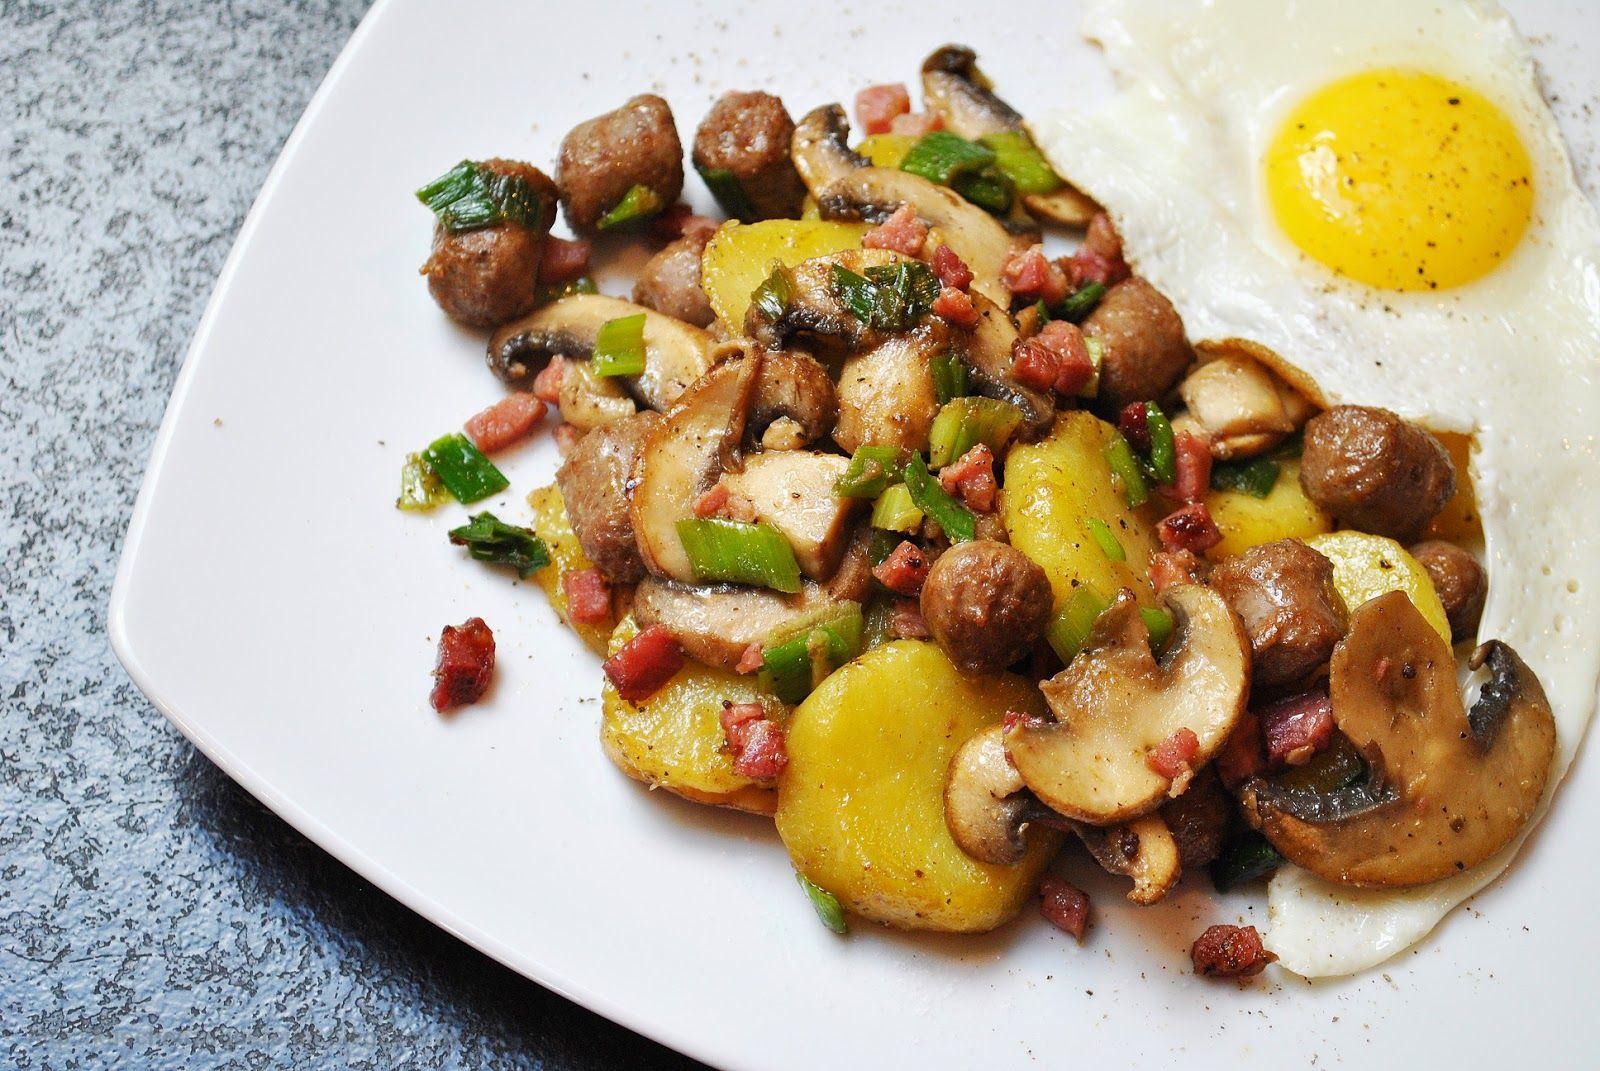 Küchenzaubereien: Deftige Bratkartoffelpfanne mit allerlei Leckerei